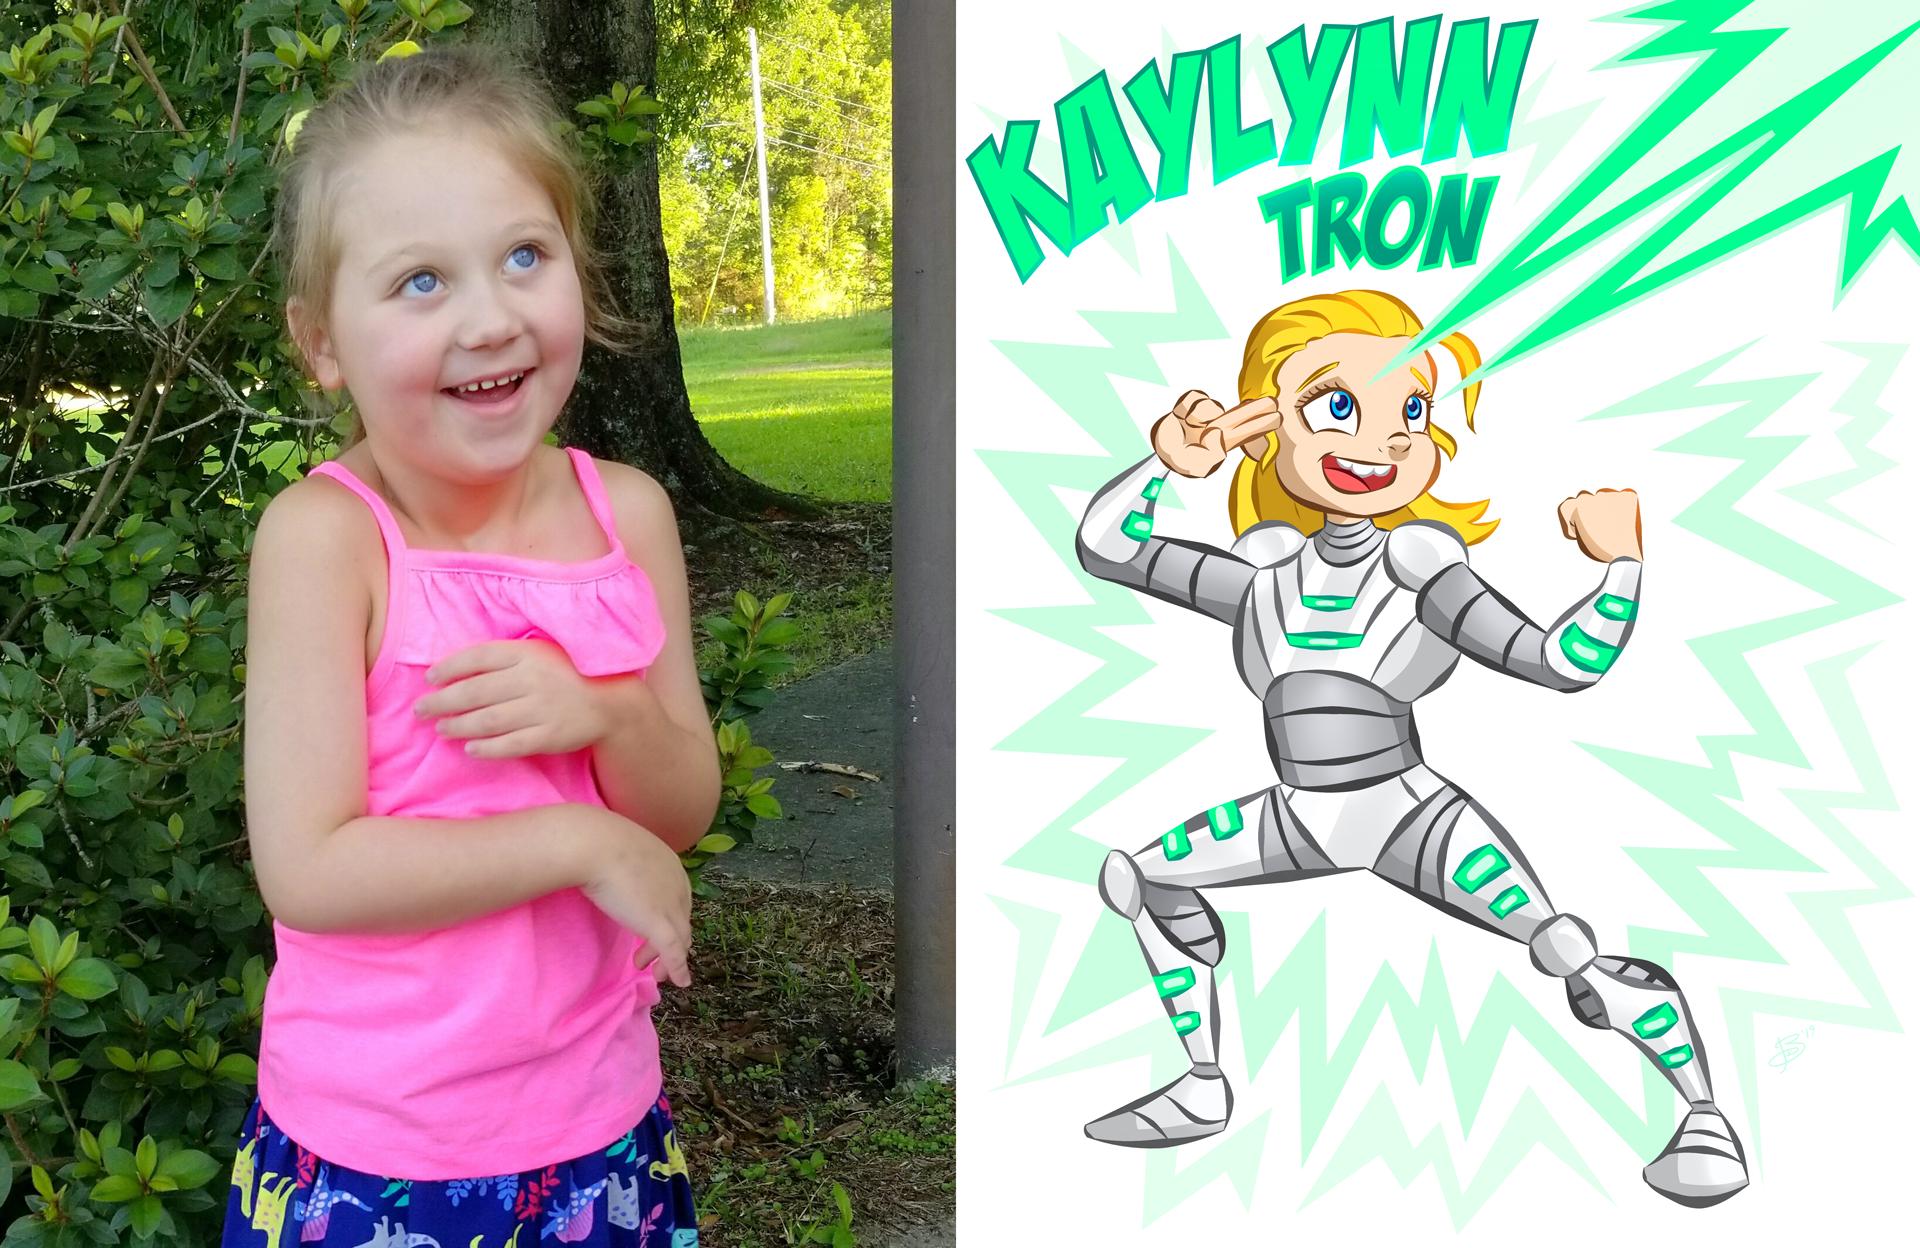 Kaylynn (Kaylynn-tron)